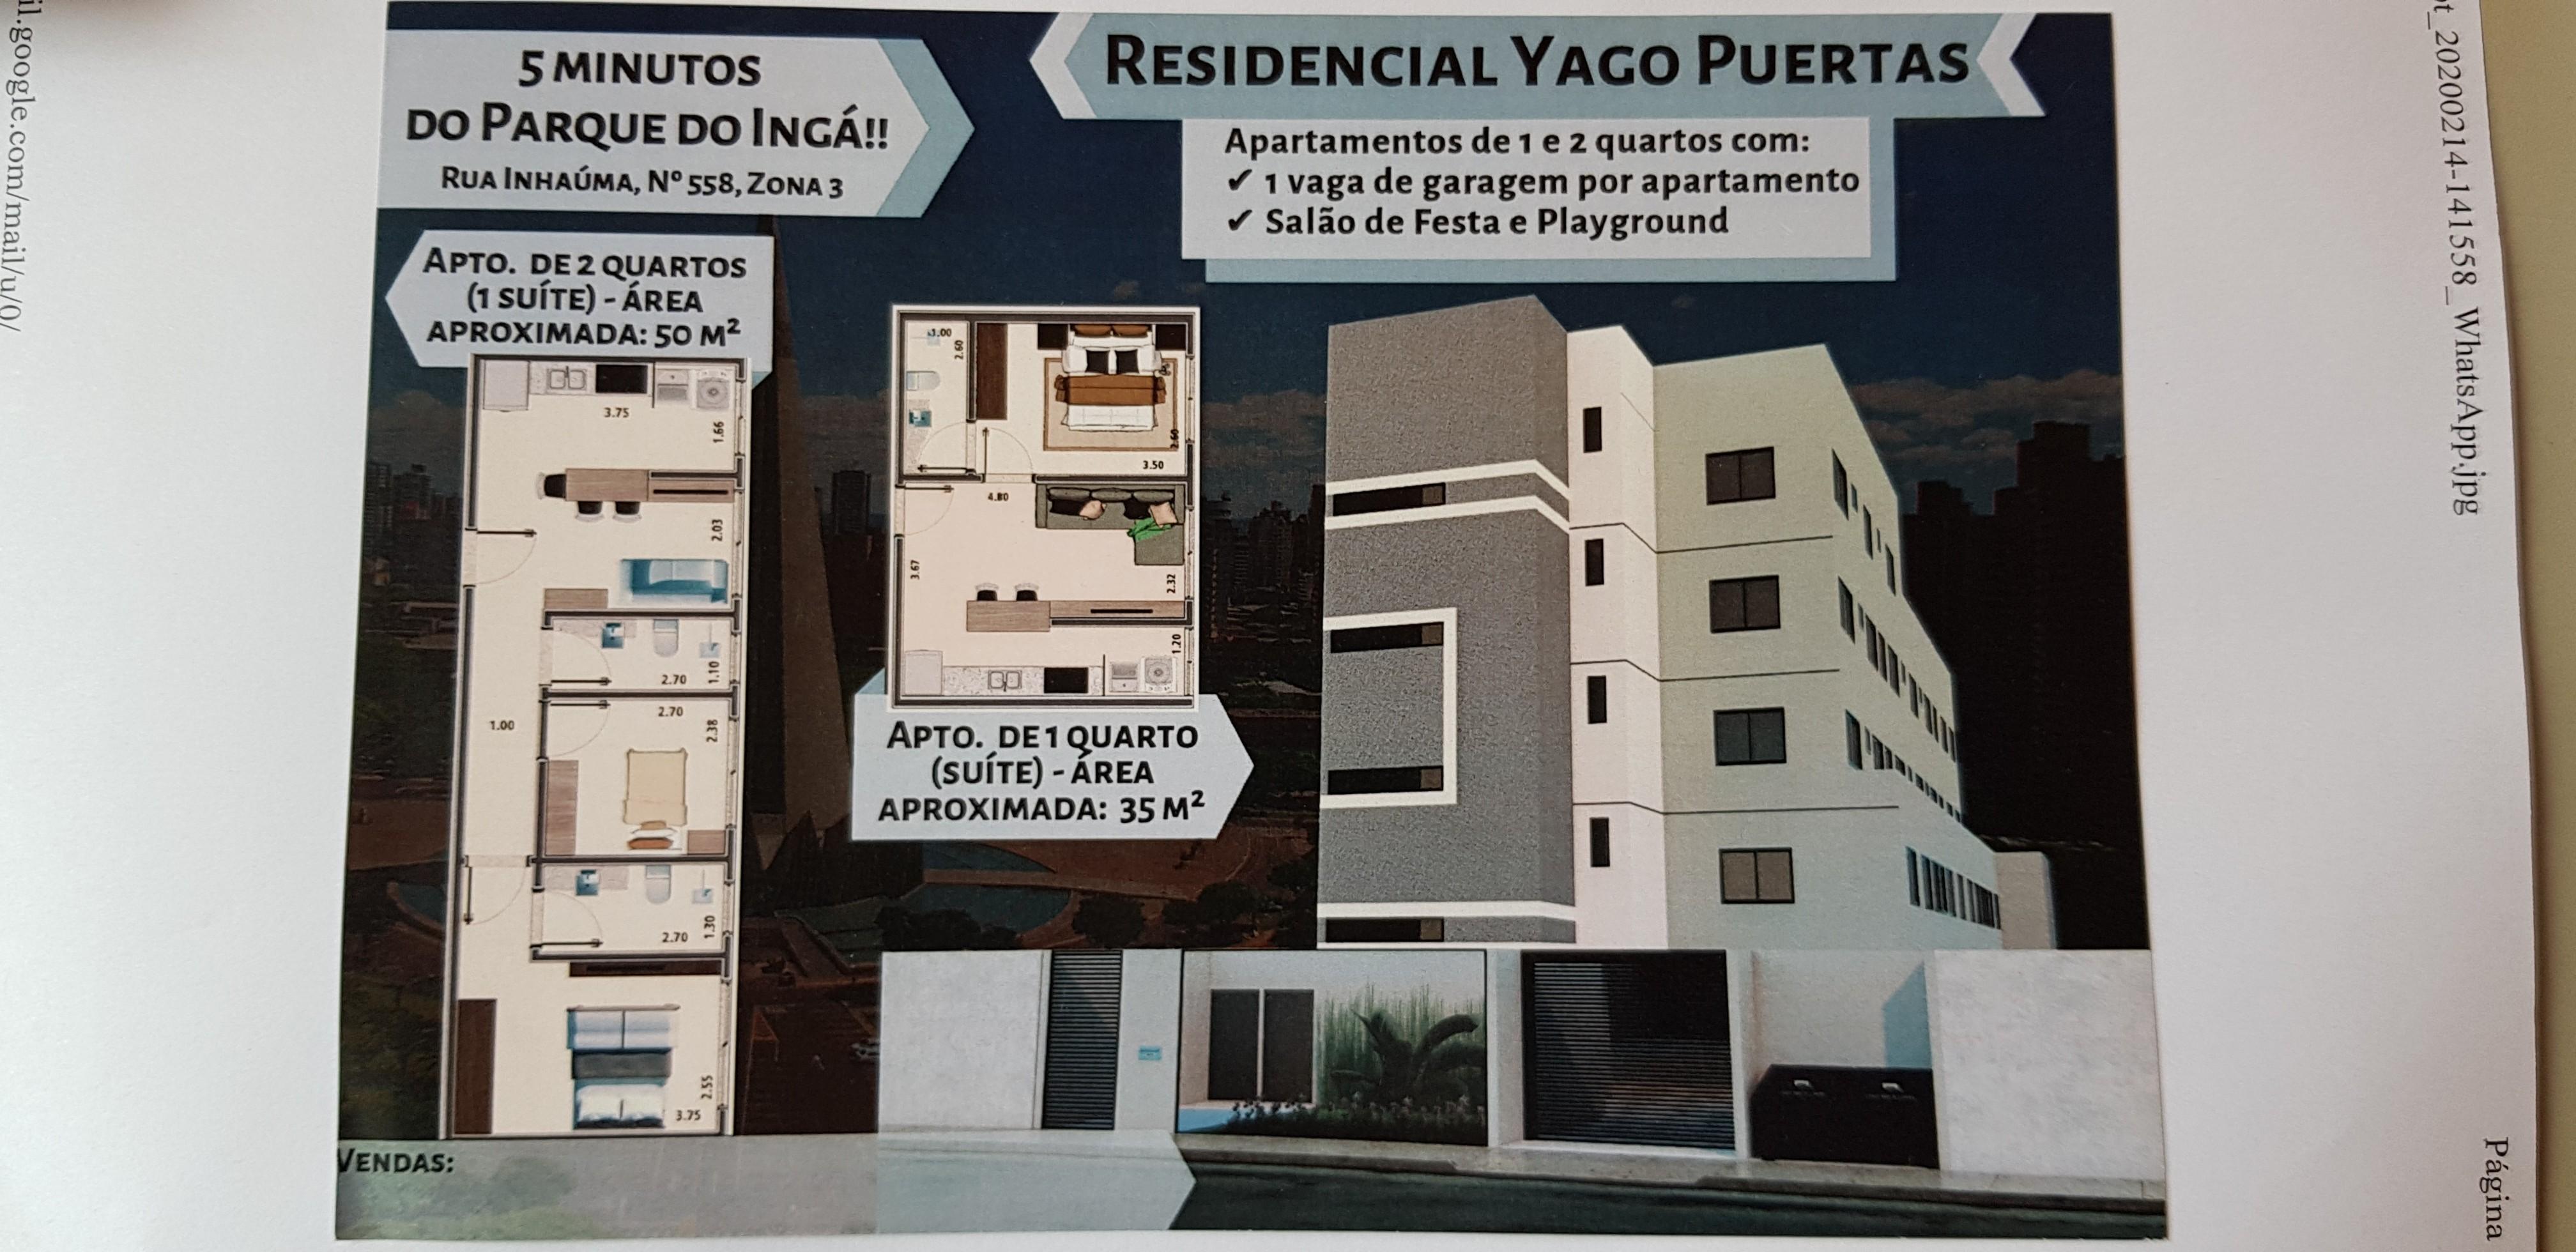 Maringá Paraná Zona3 Residencial Yago Puertas em construção entrega final de 2020